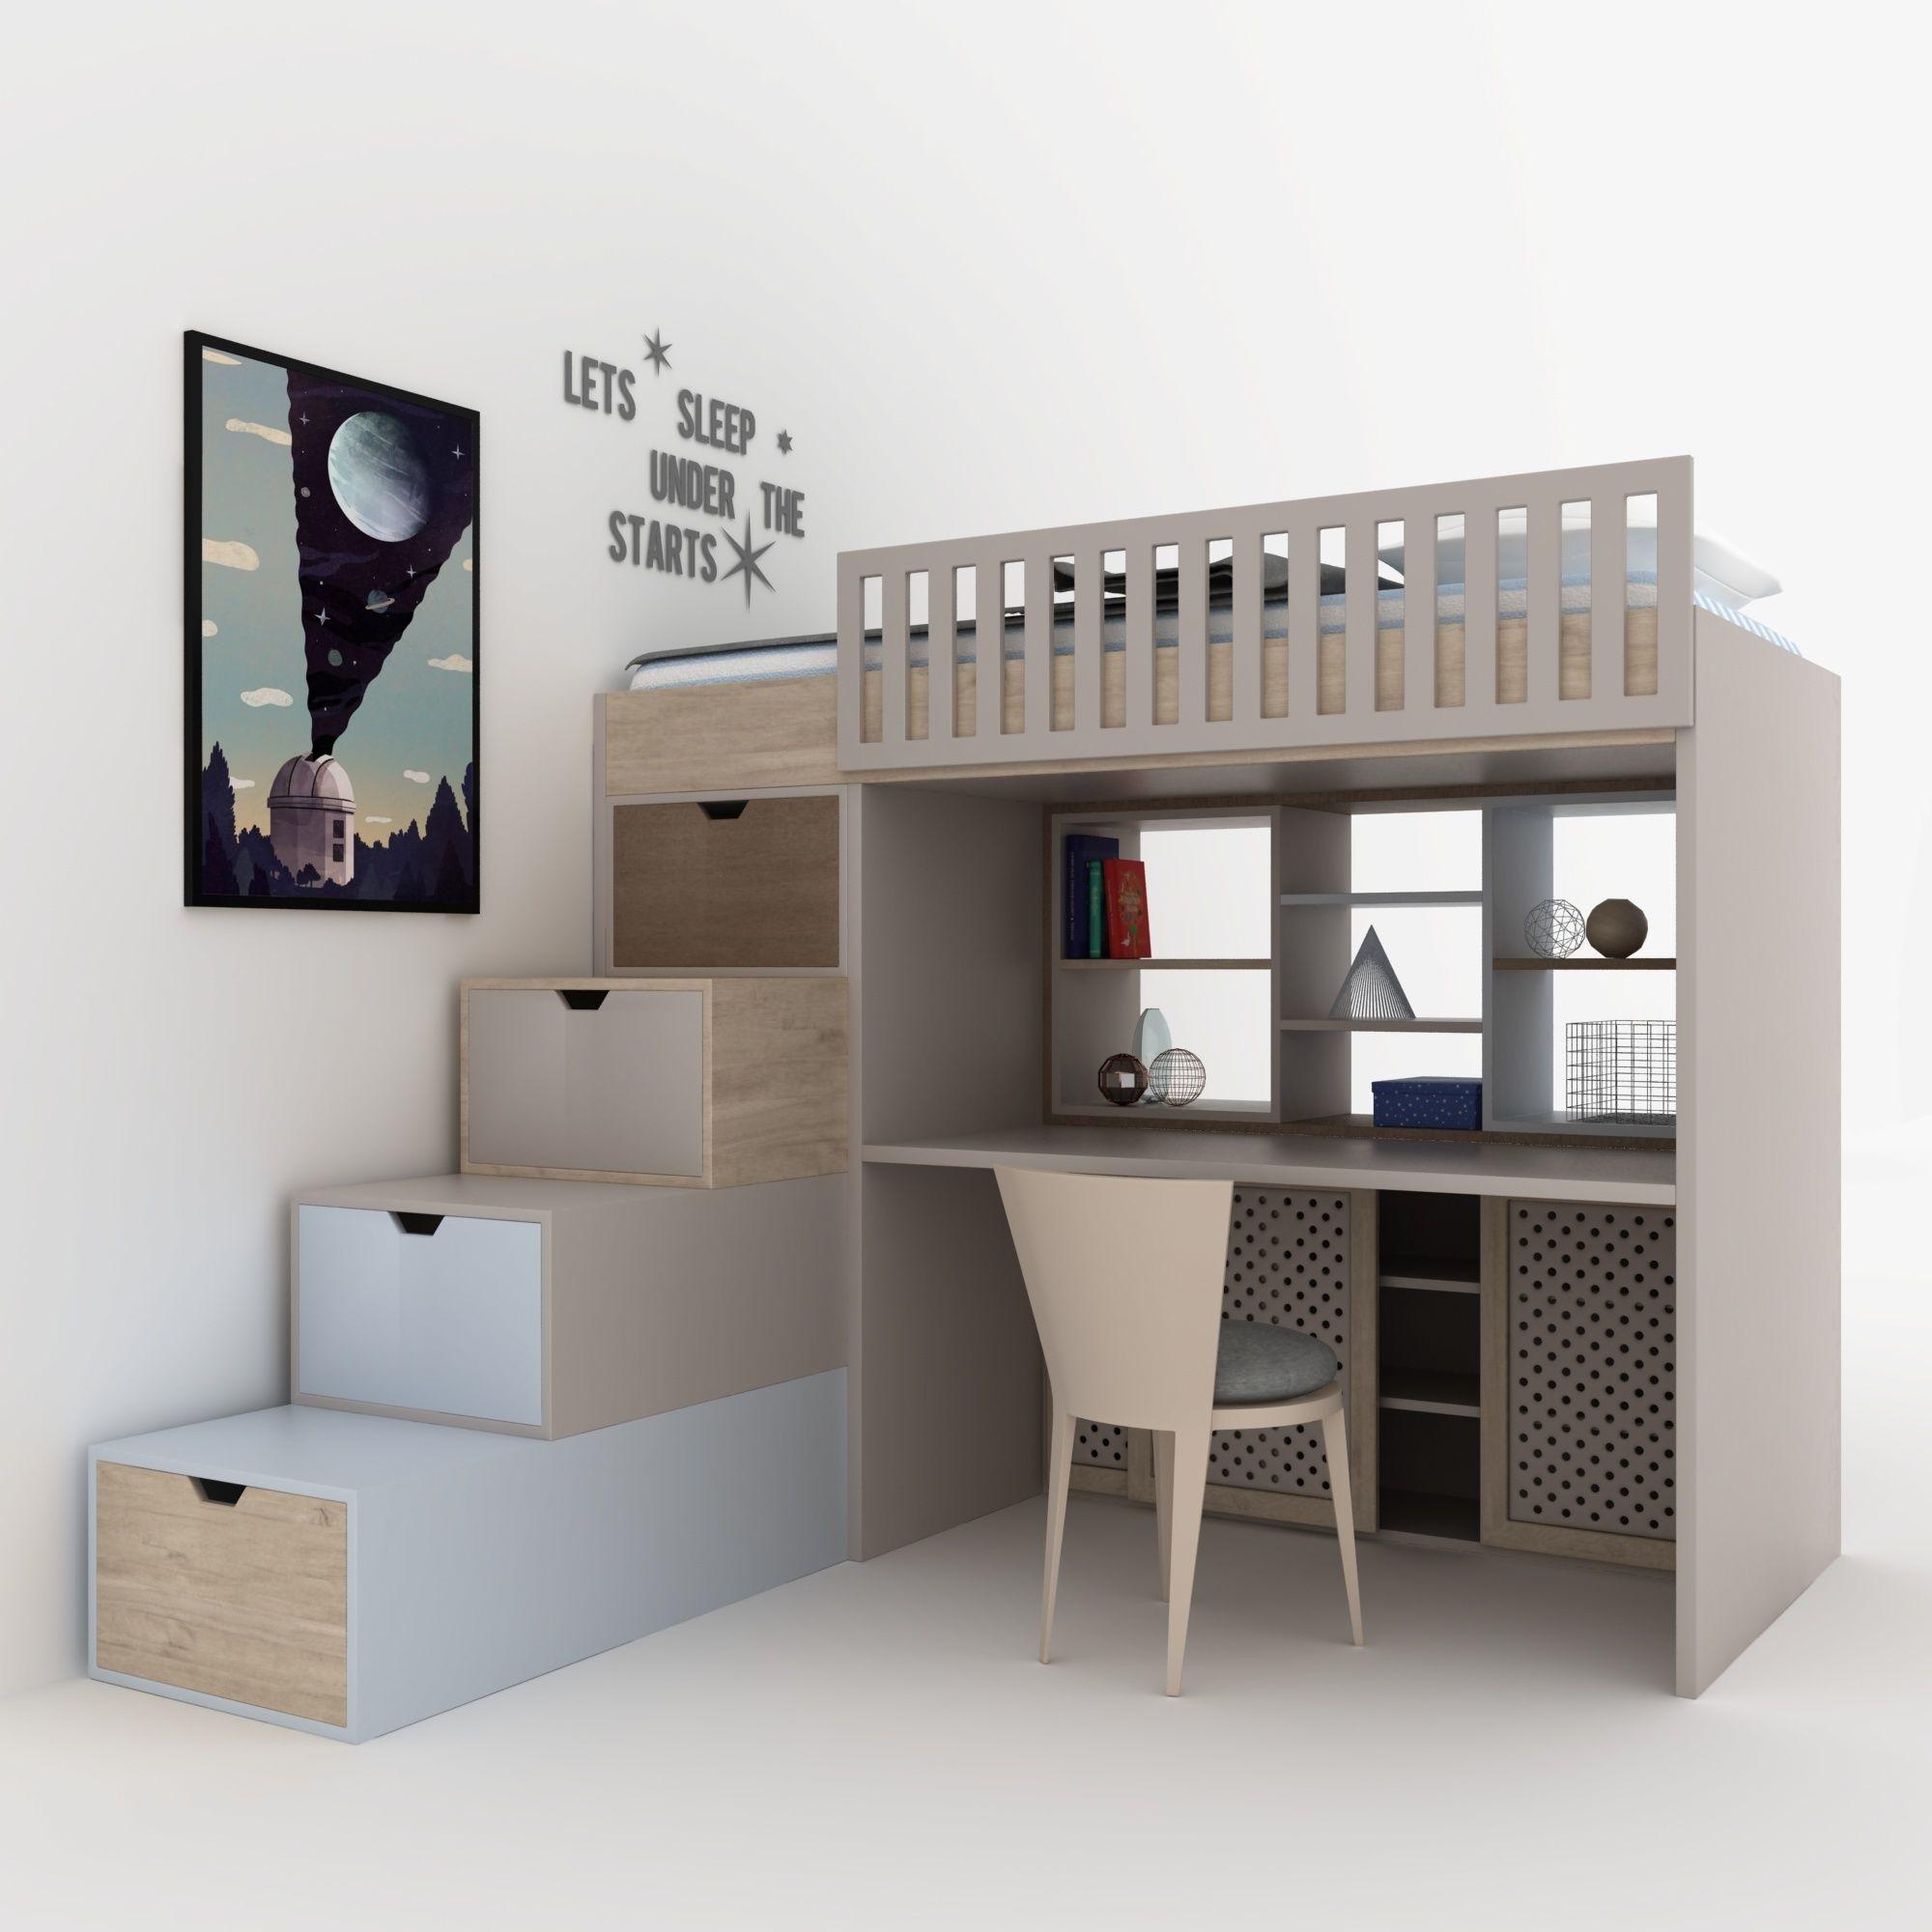 Child bedroom set | 3D model